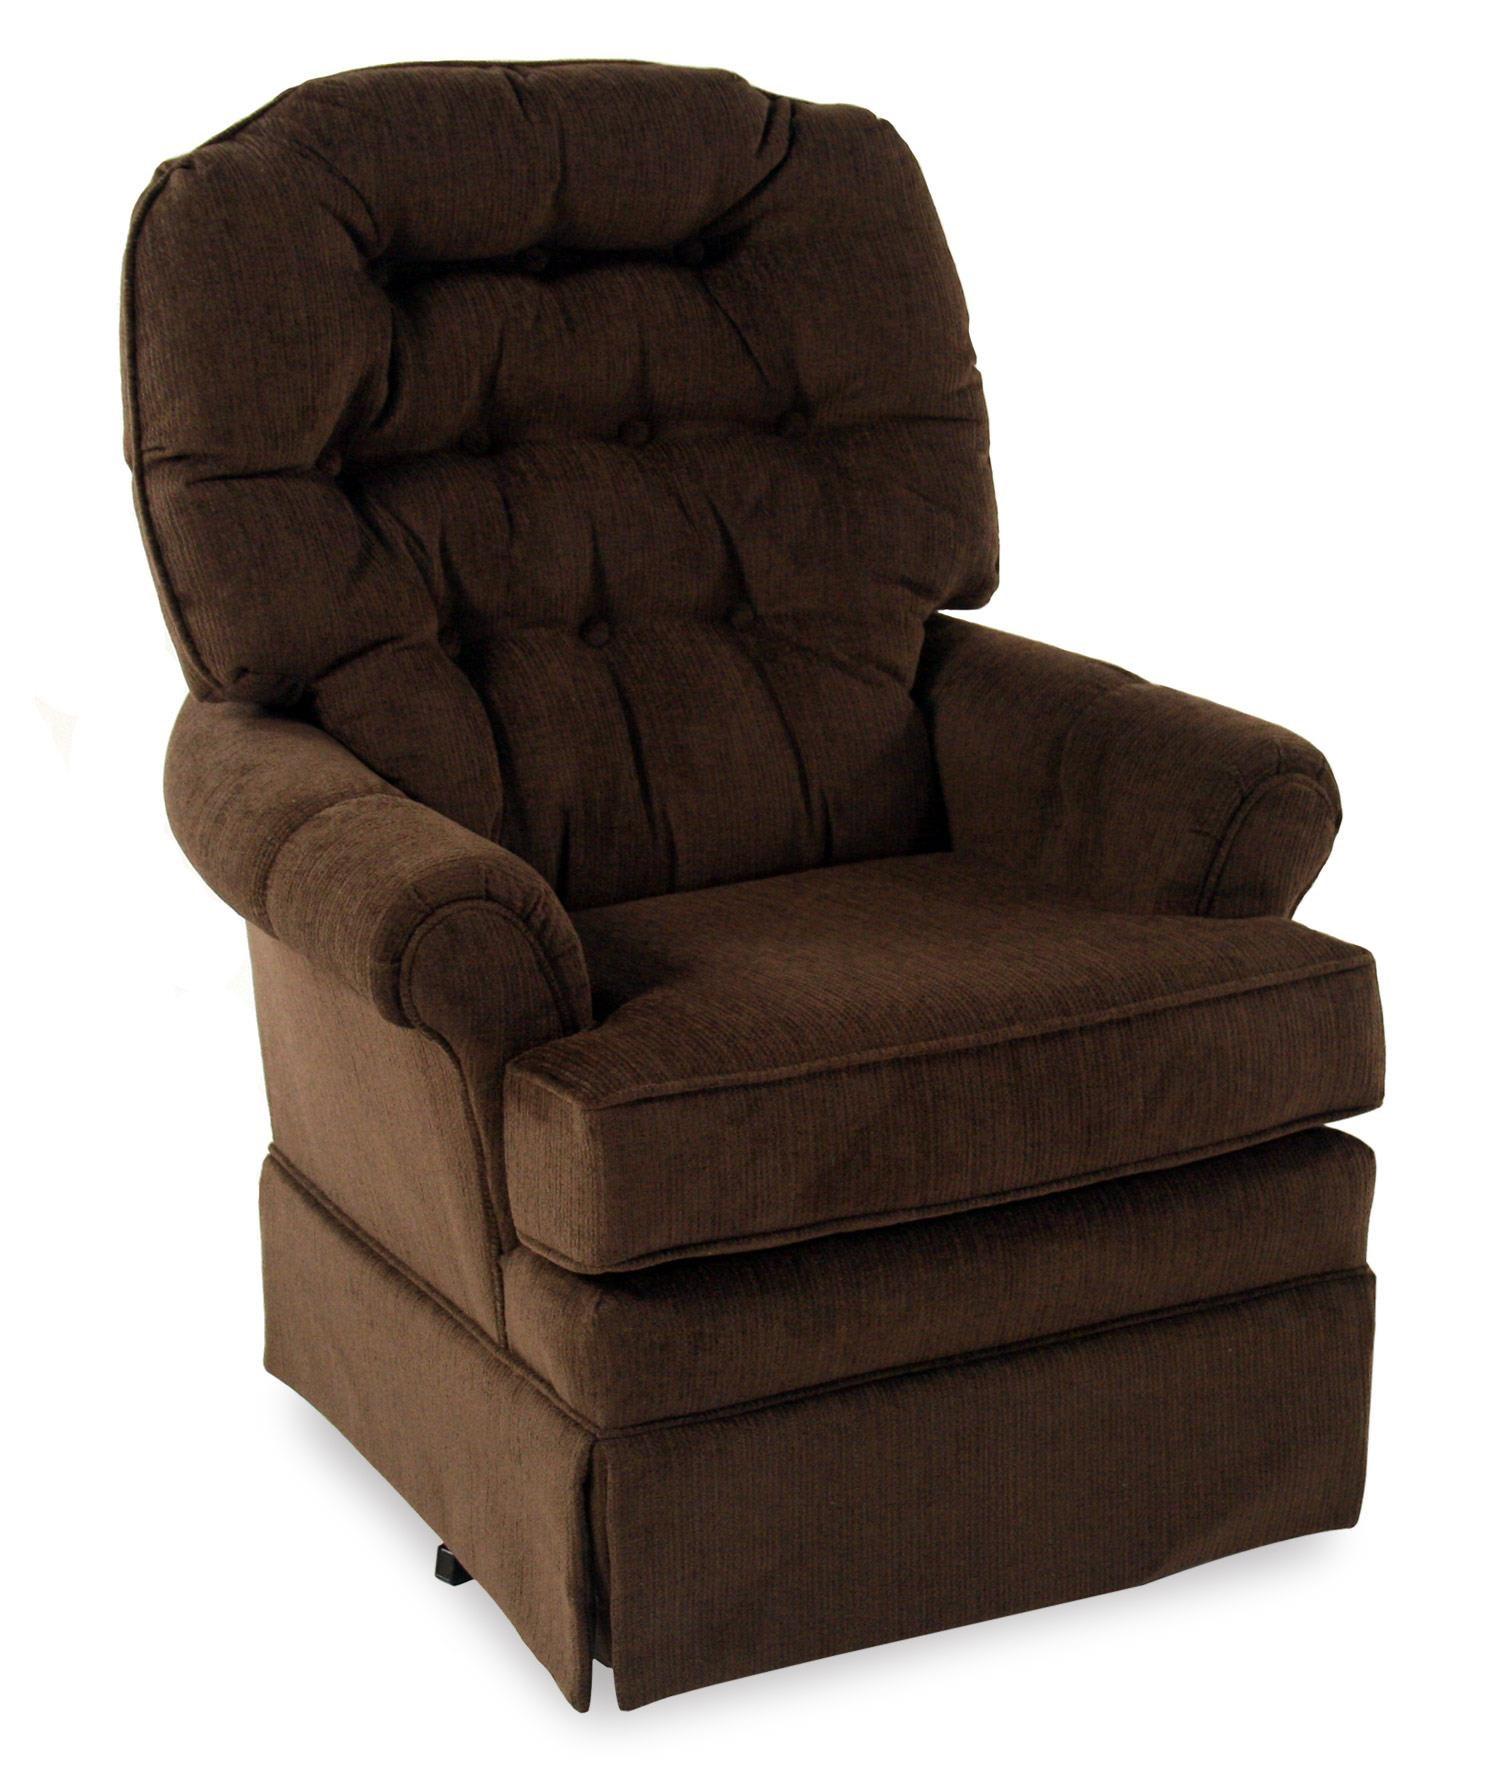 Swivel Rocker Chair - Zion Star